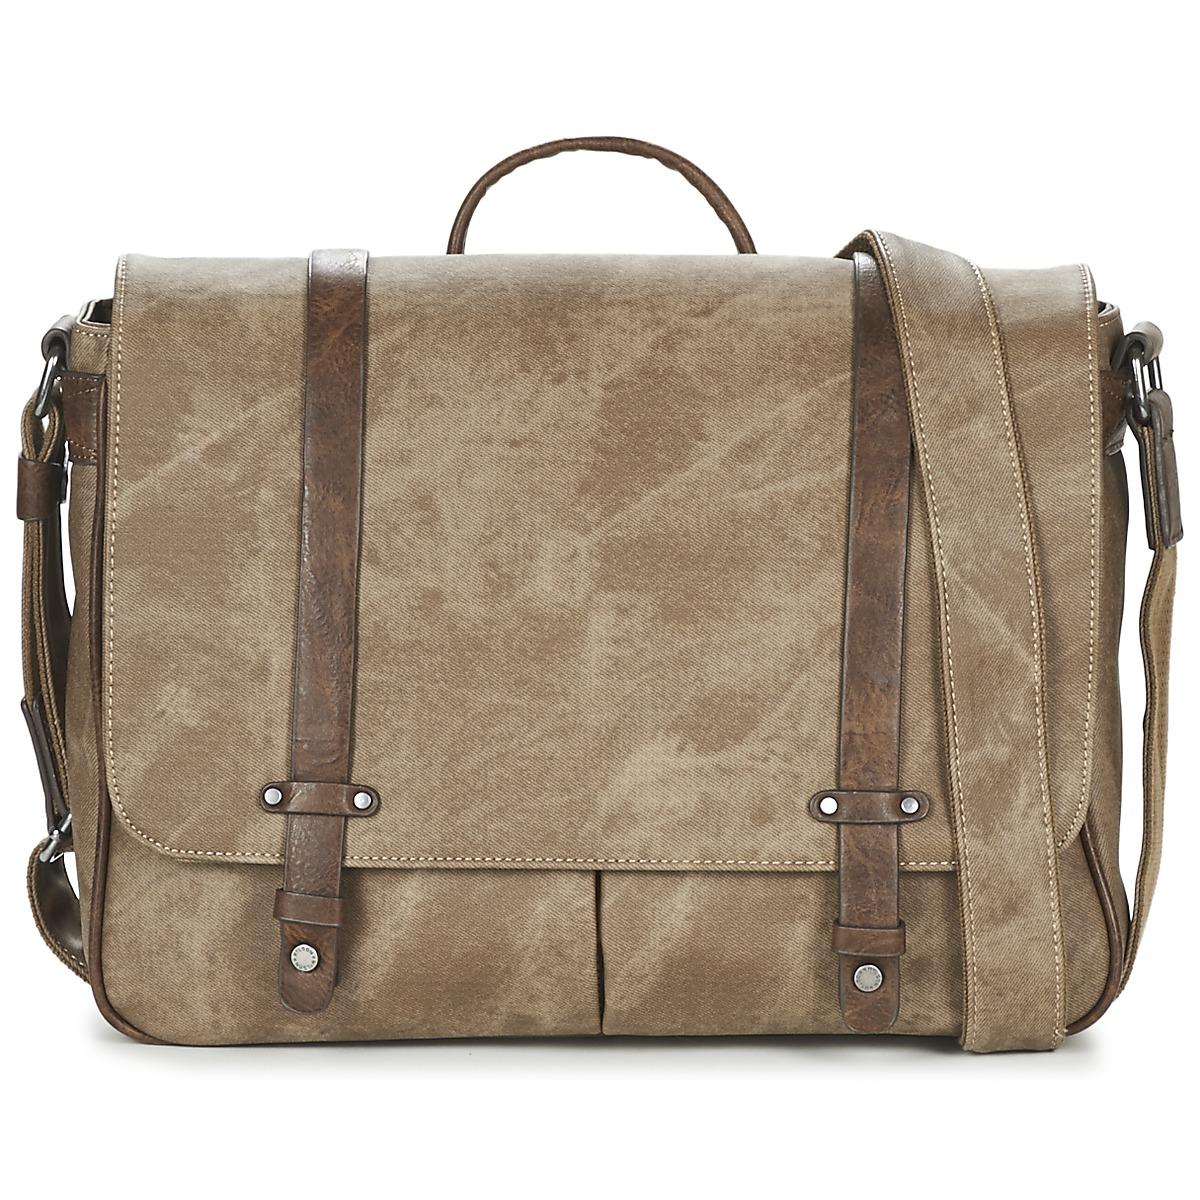 Wylson Kabelky a tašky cez rameno HARBOUR 4 Wylson - Glami.sk 0a3255171e9